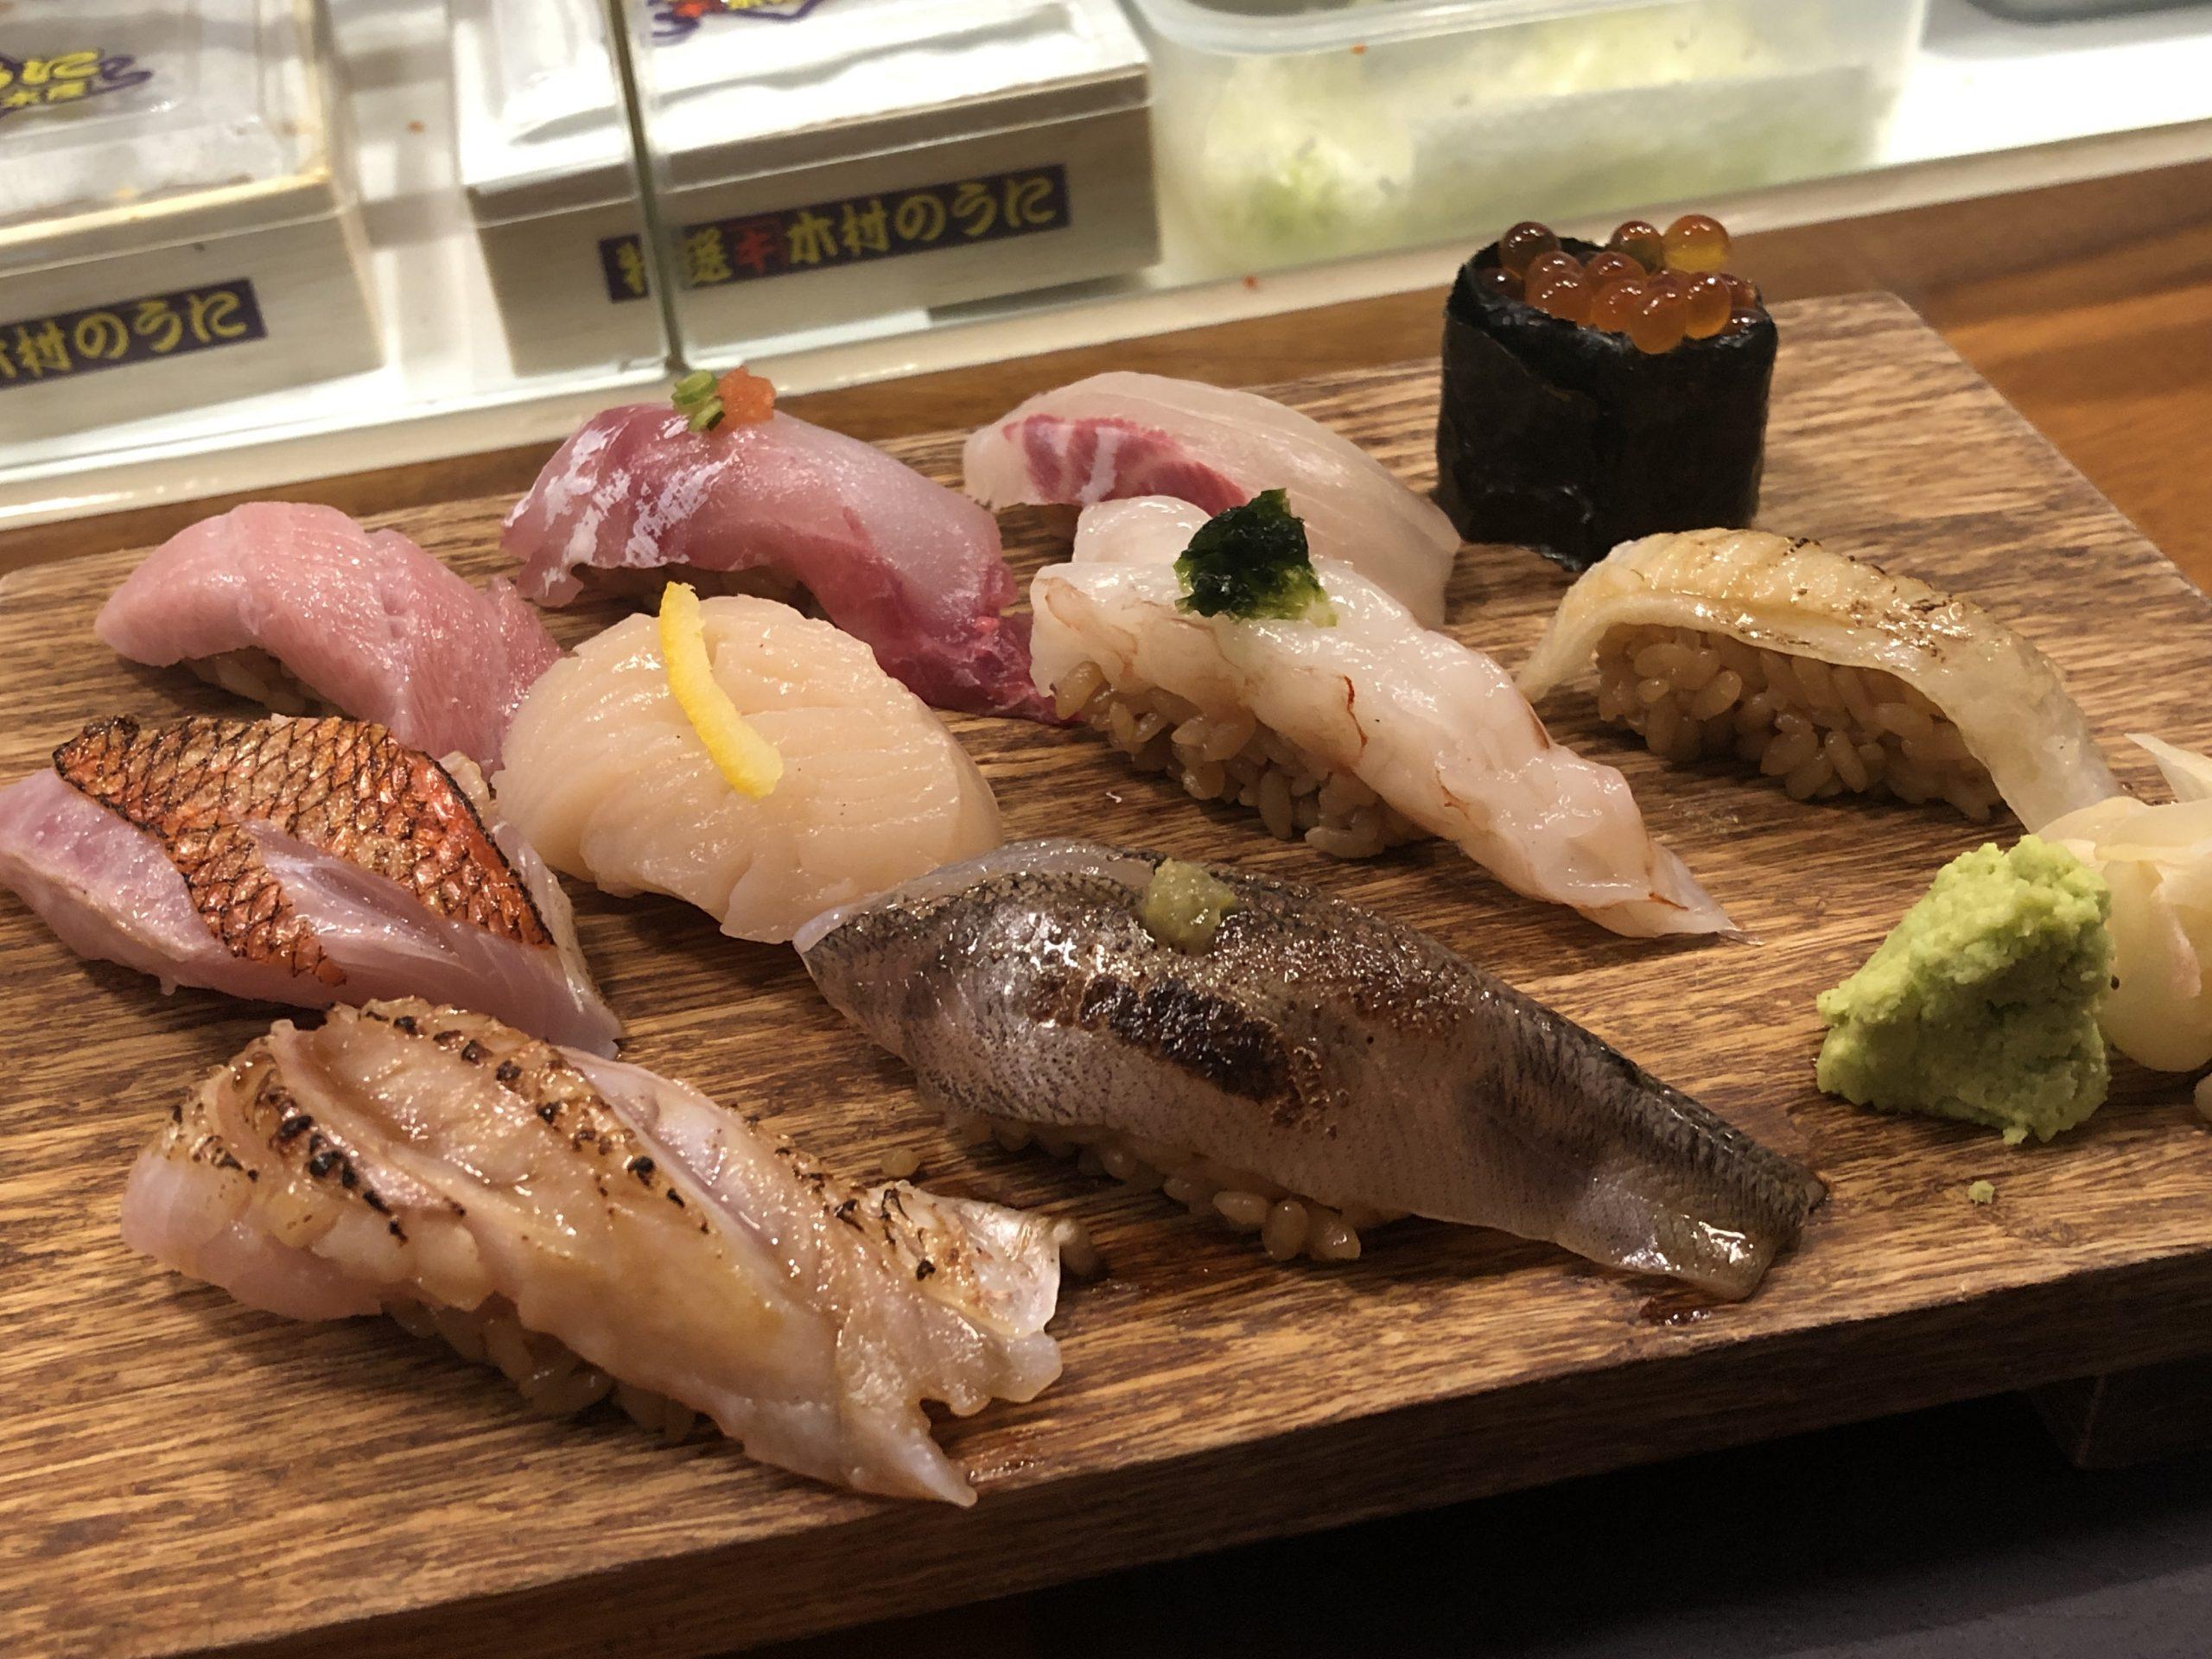 日本料理 壽司 黃店 尖沙咀 厚福街 鮨一omakase 廚師發辦